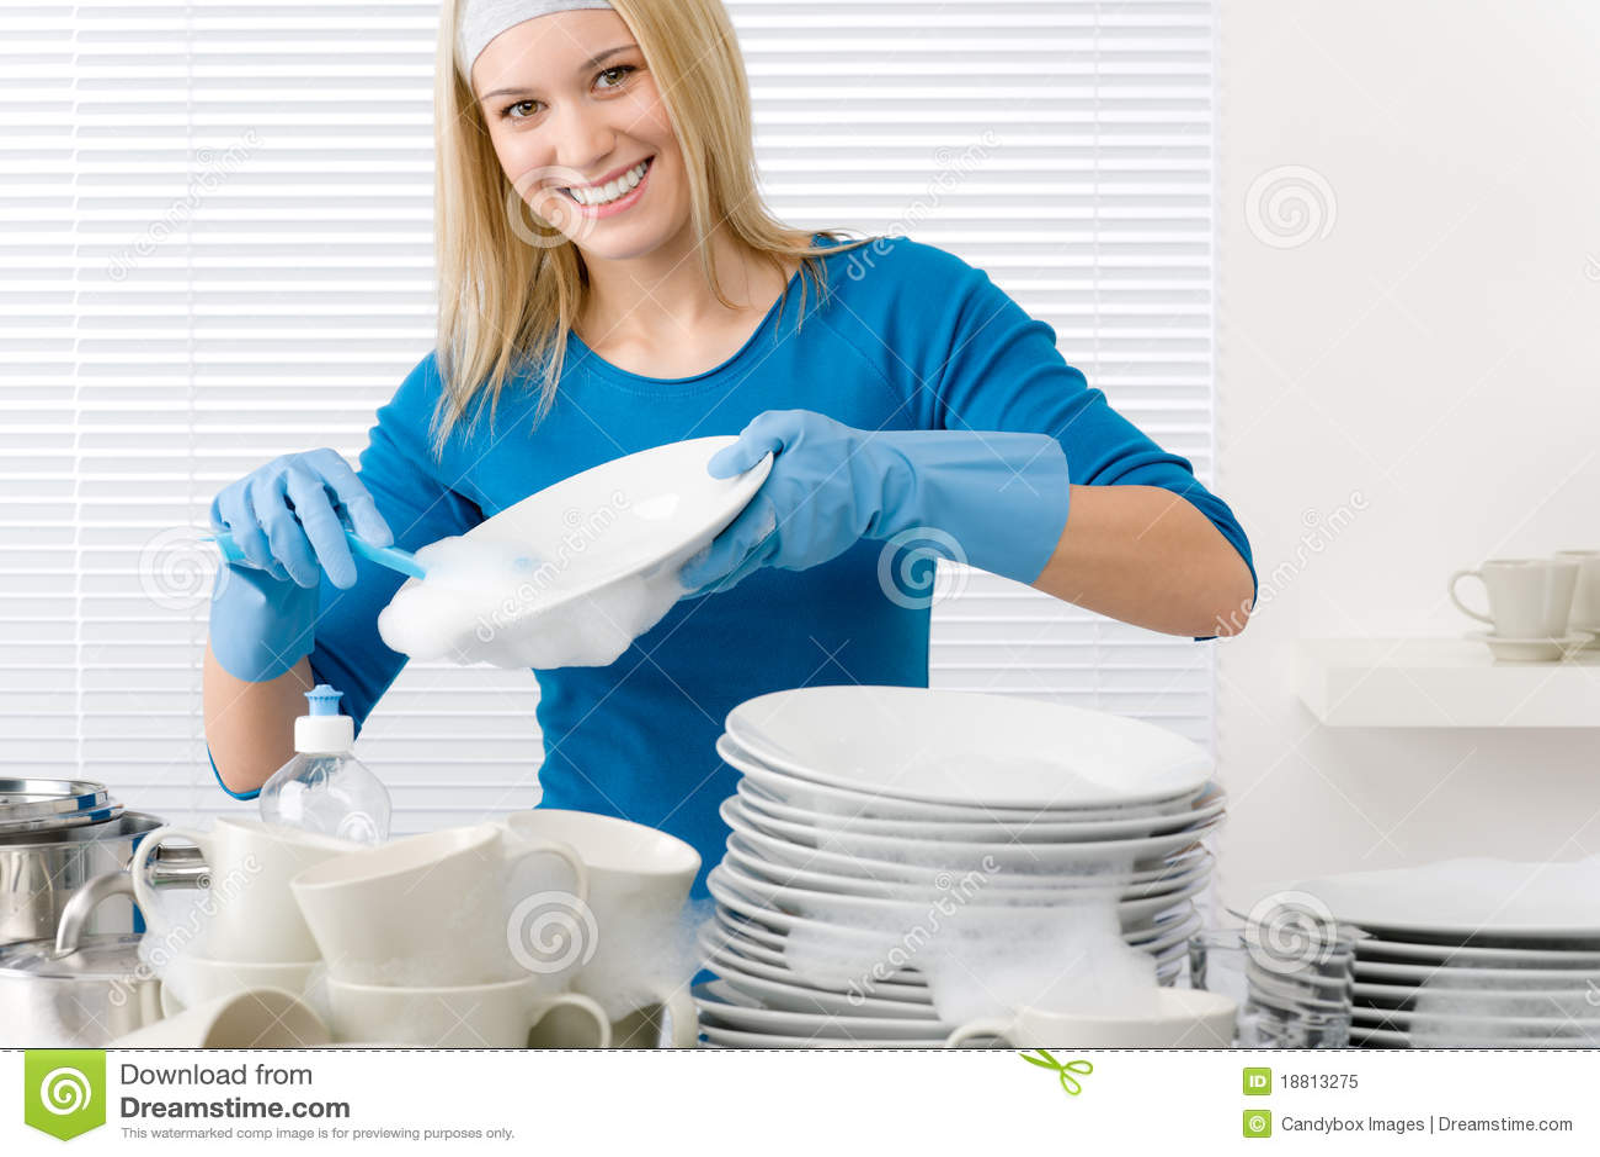 Девушки моют посуду фото